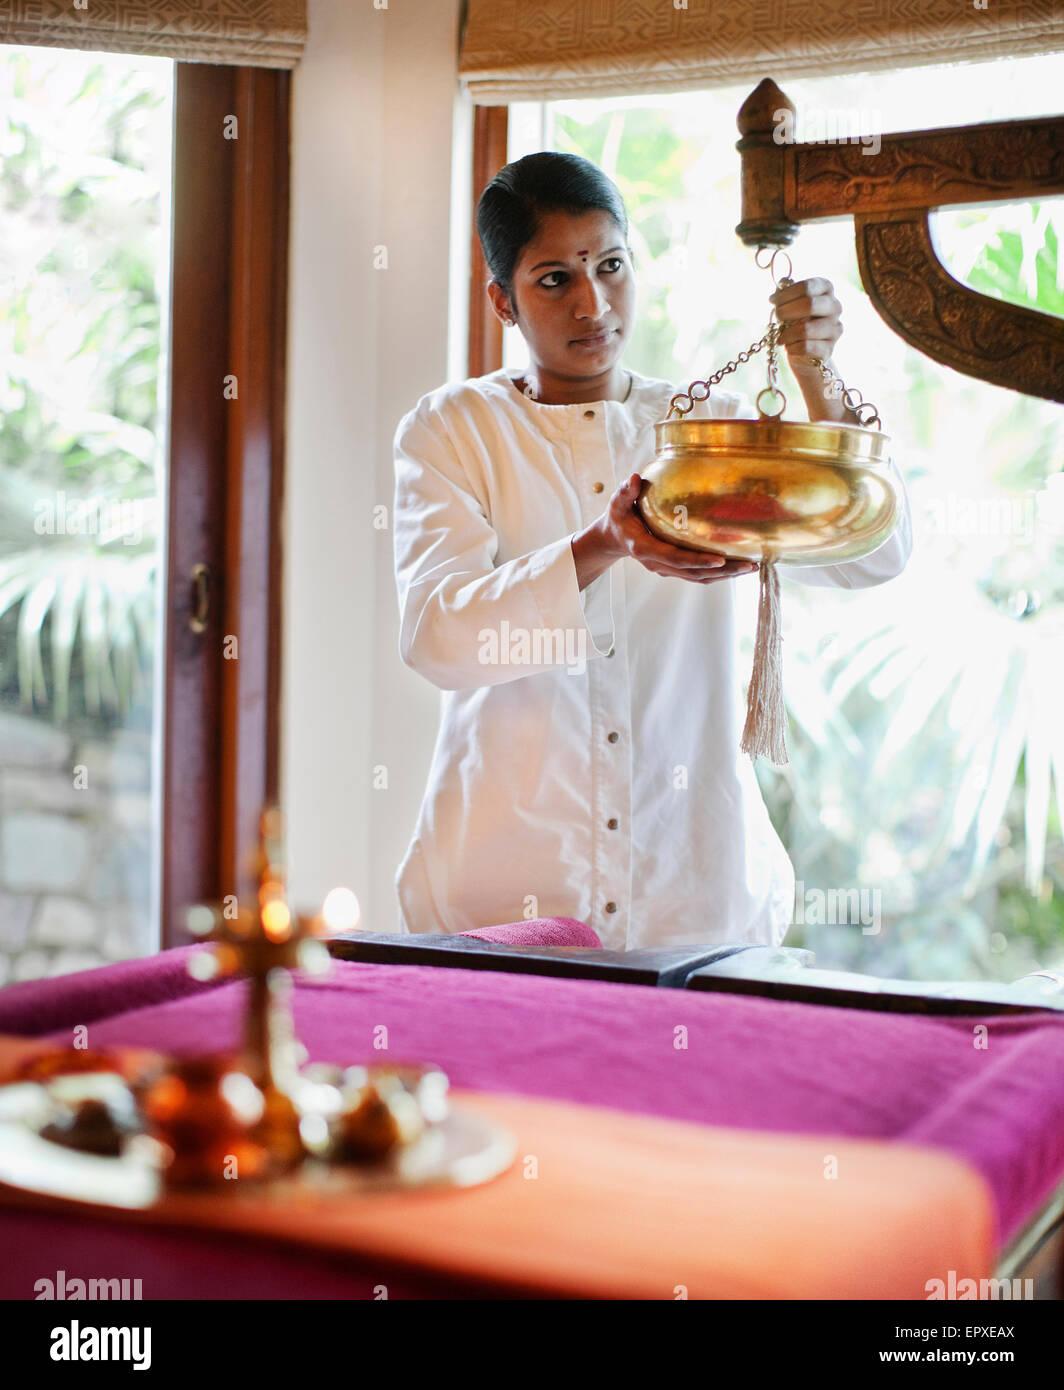 Una spa terapista prepara il Sariva Camera per Shirodhara trattamento ayurvedico ad Ananda Spa, Ananda in Himalaya. Immagini Stock